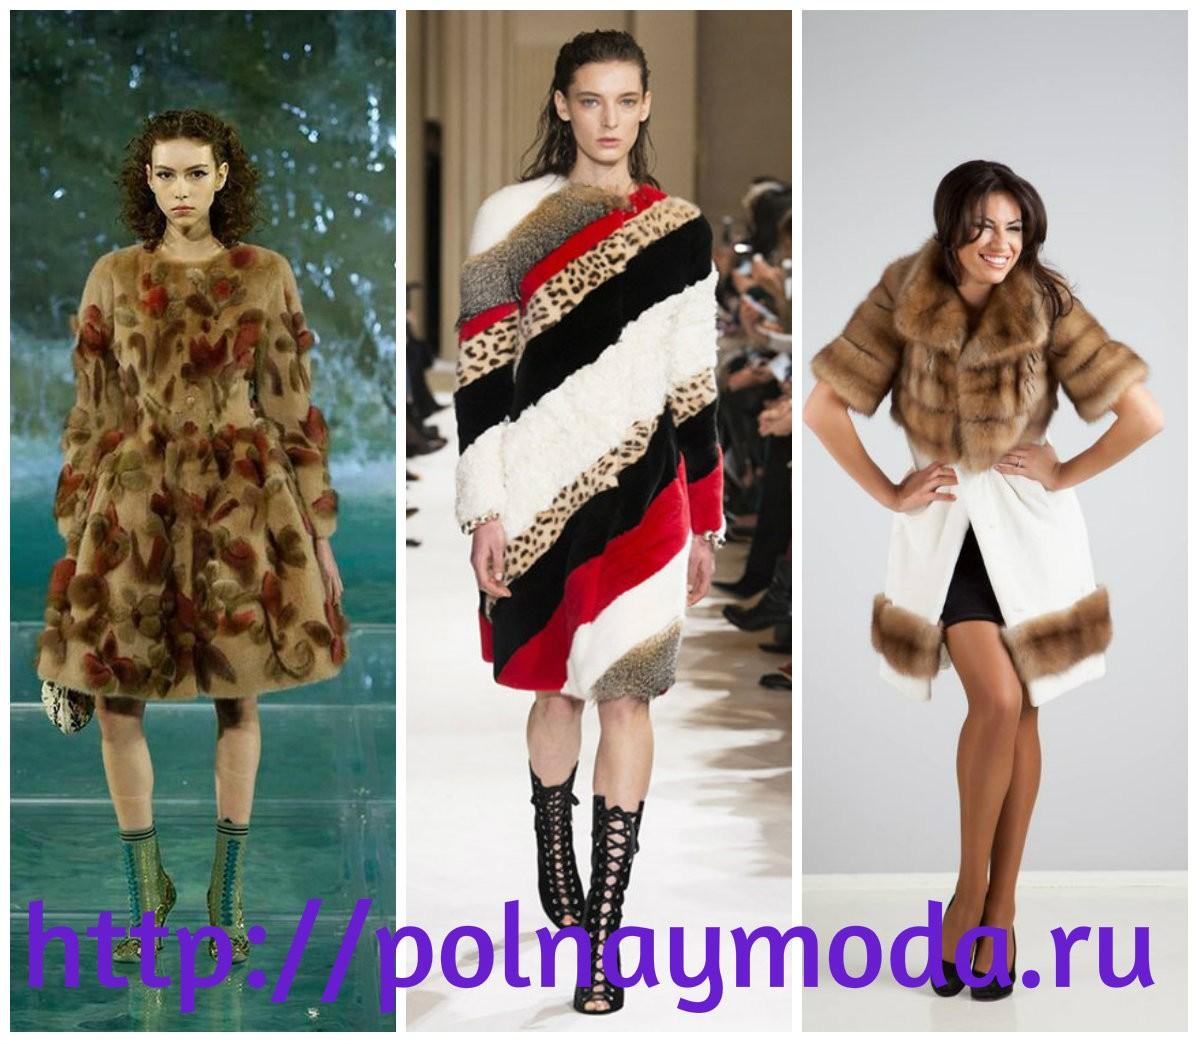 Шуба-платье для женщин зима 2018, платье в полоску из меха, меховое платье с отделкой